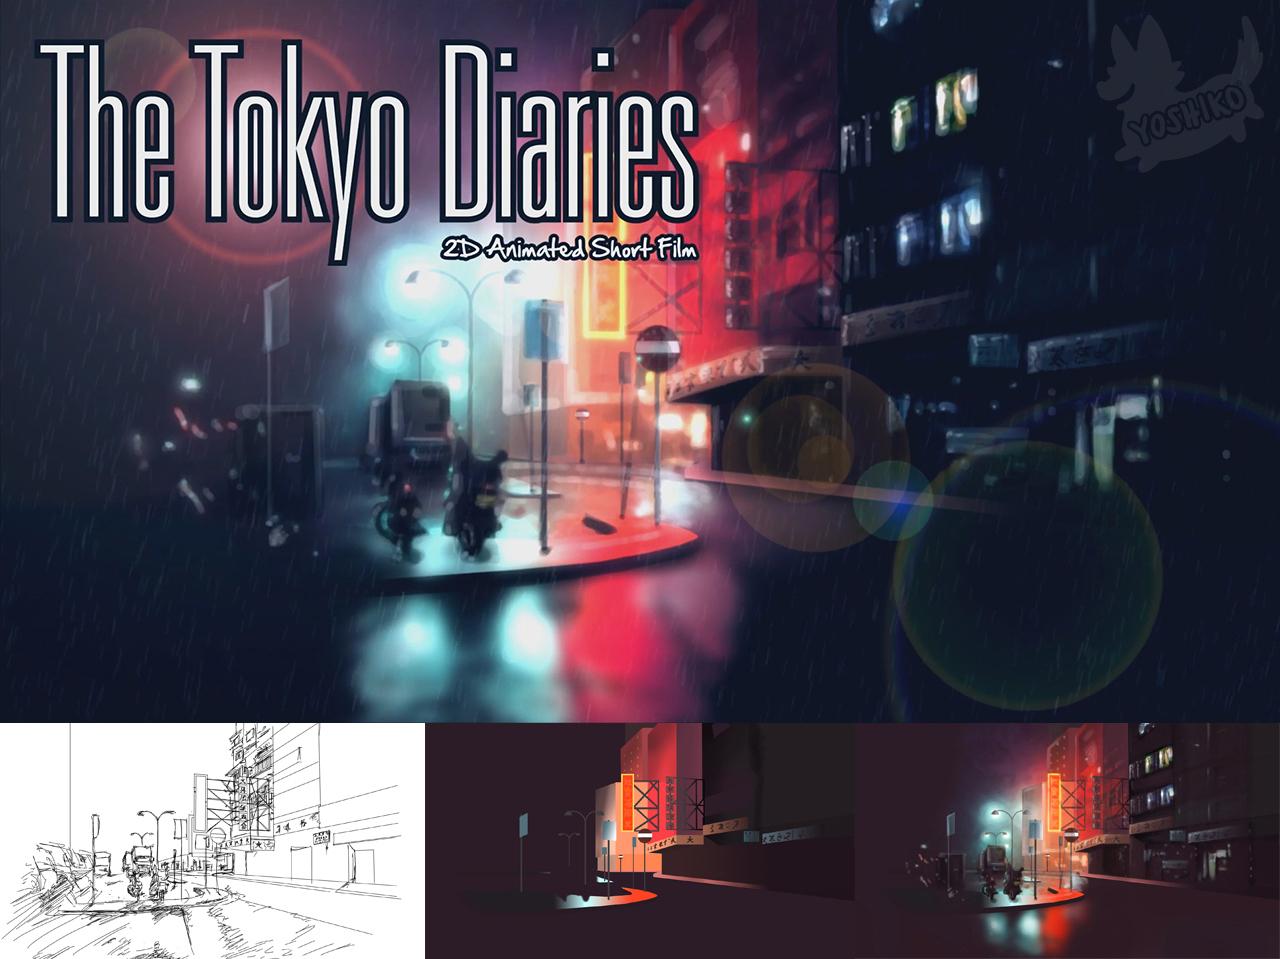 The Tokyo Diaries (Movie Wallpaper) sketchdrawing